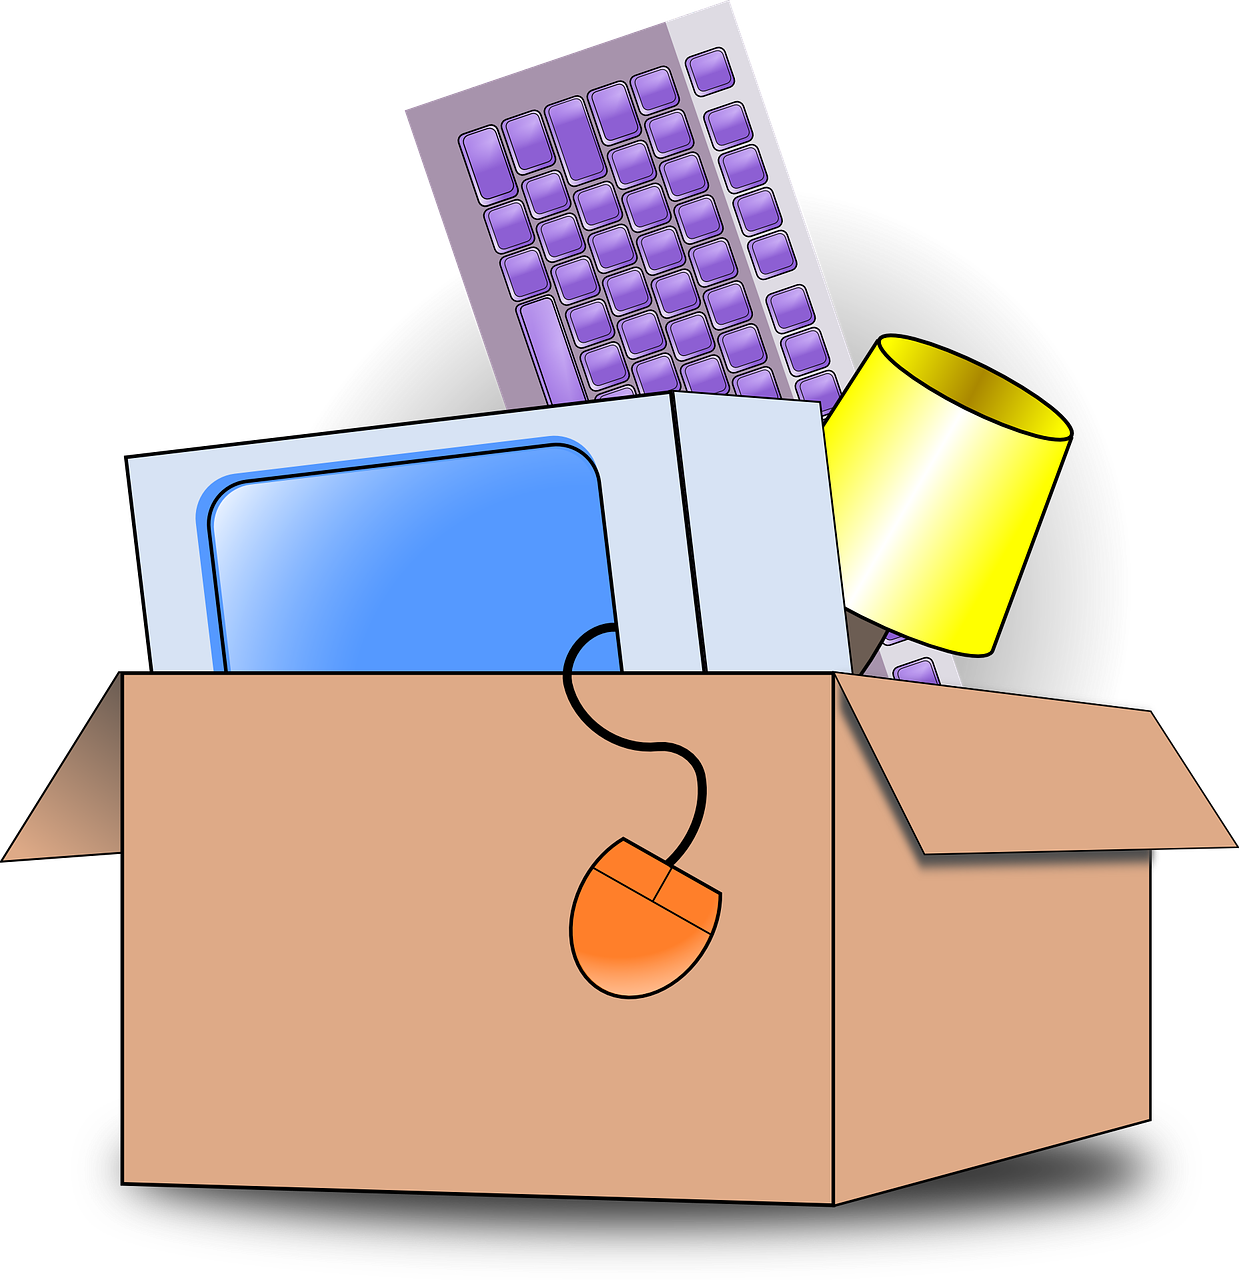 Költözés illusztráció: holmik dobozban